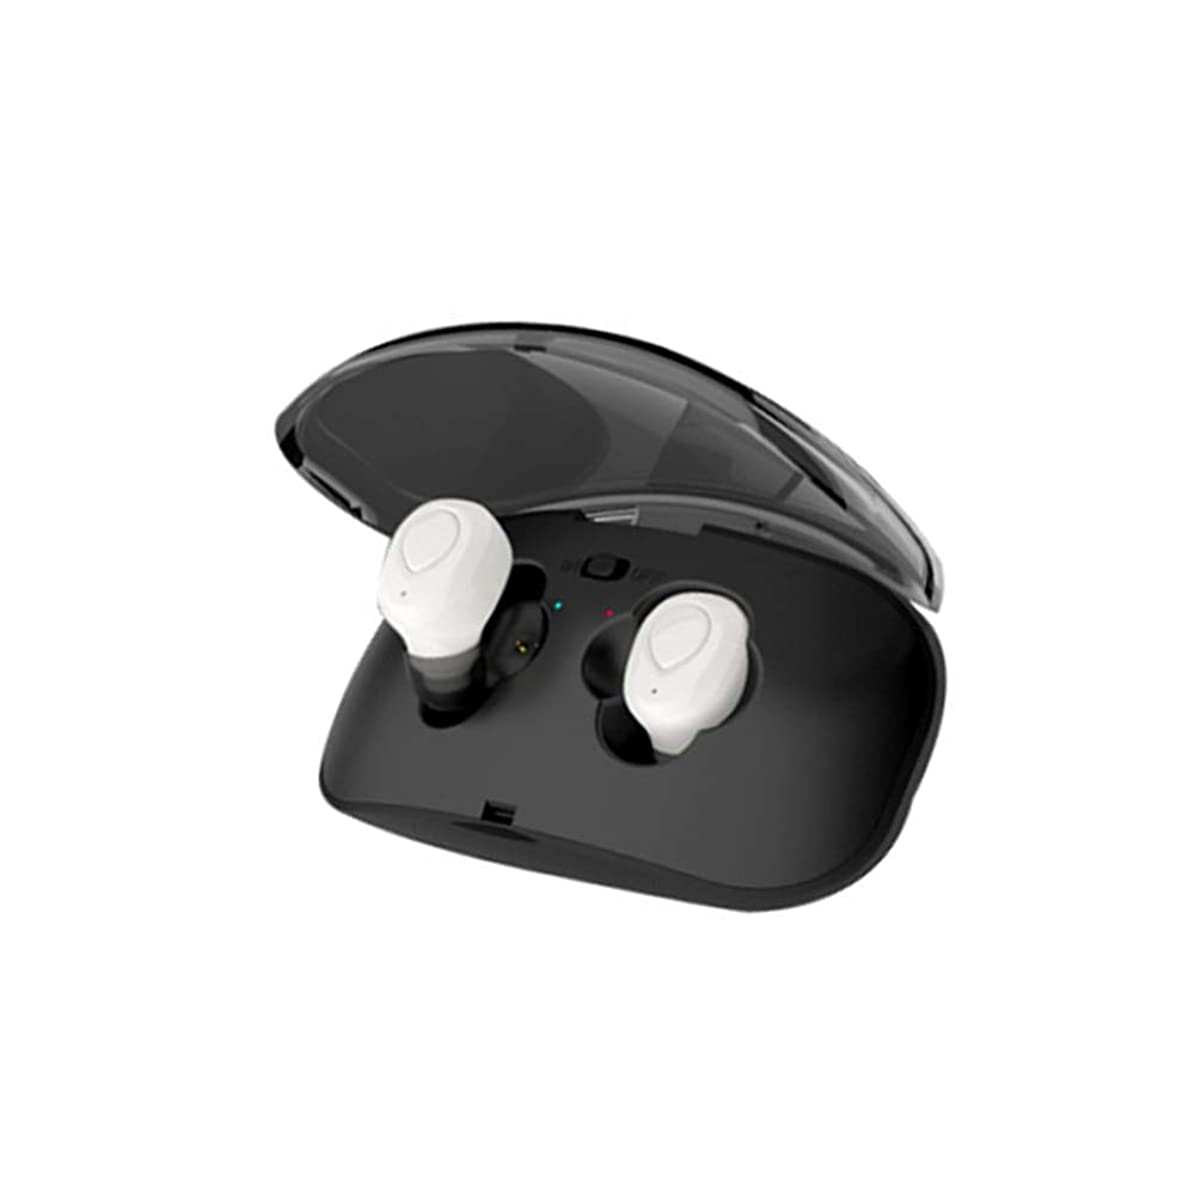 不完全スパン花嫁Bluetoothヘッドフォン磁気ワイヤレススポーツイヤホンユニバーサルヘッドフォン防水性と耐久性のある充電ボックススポーツ、走行に適しています